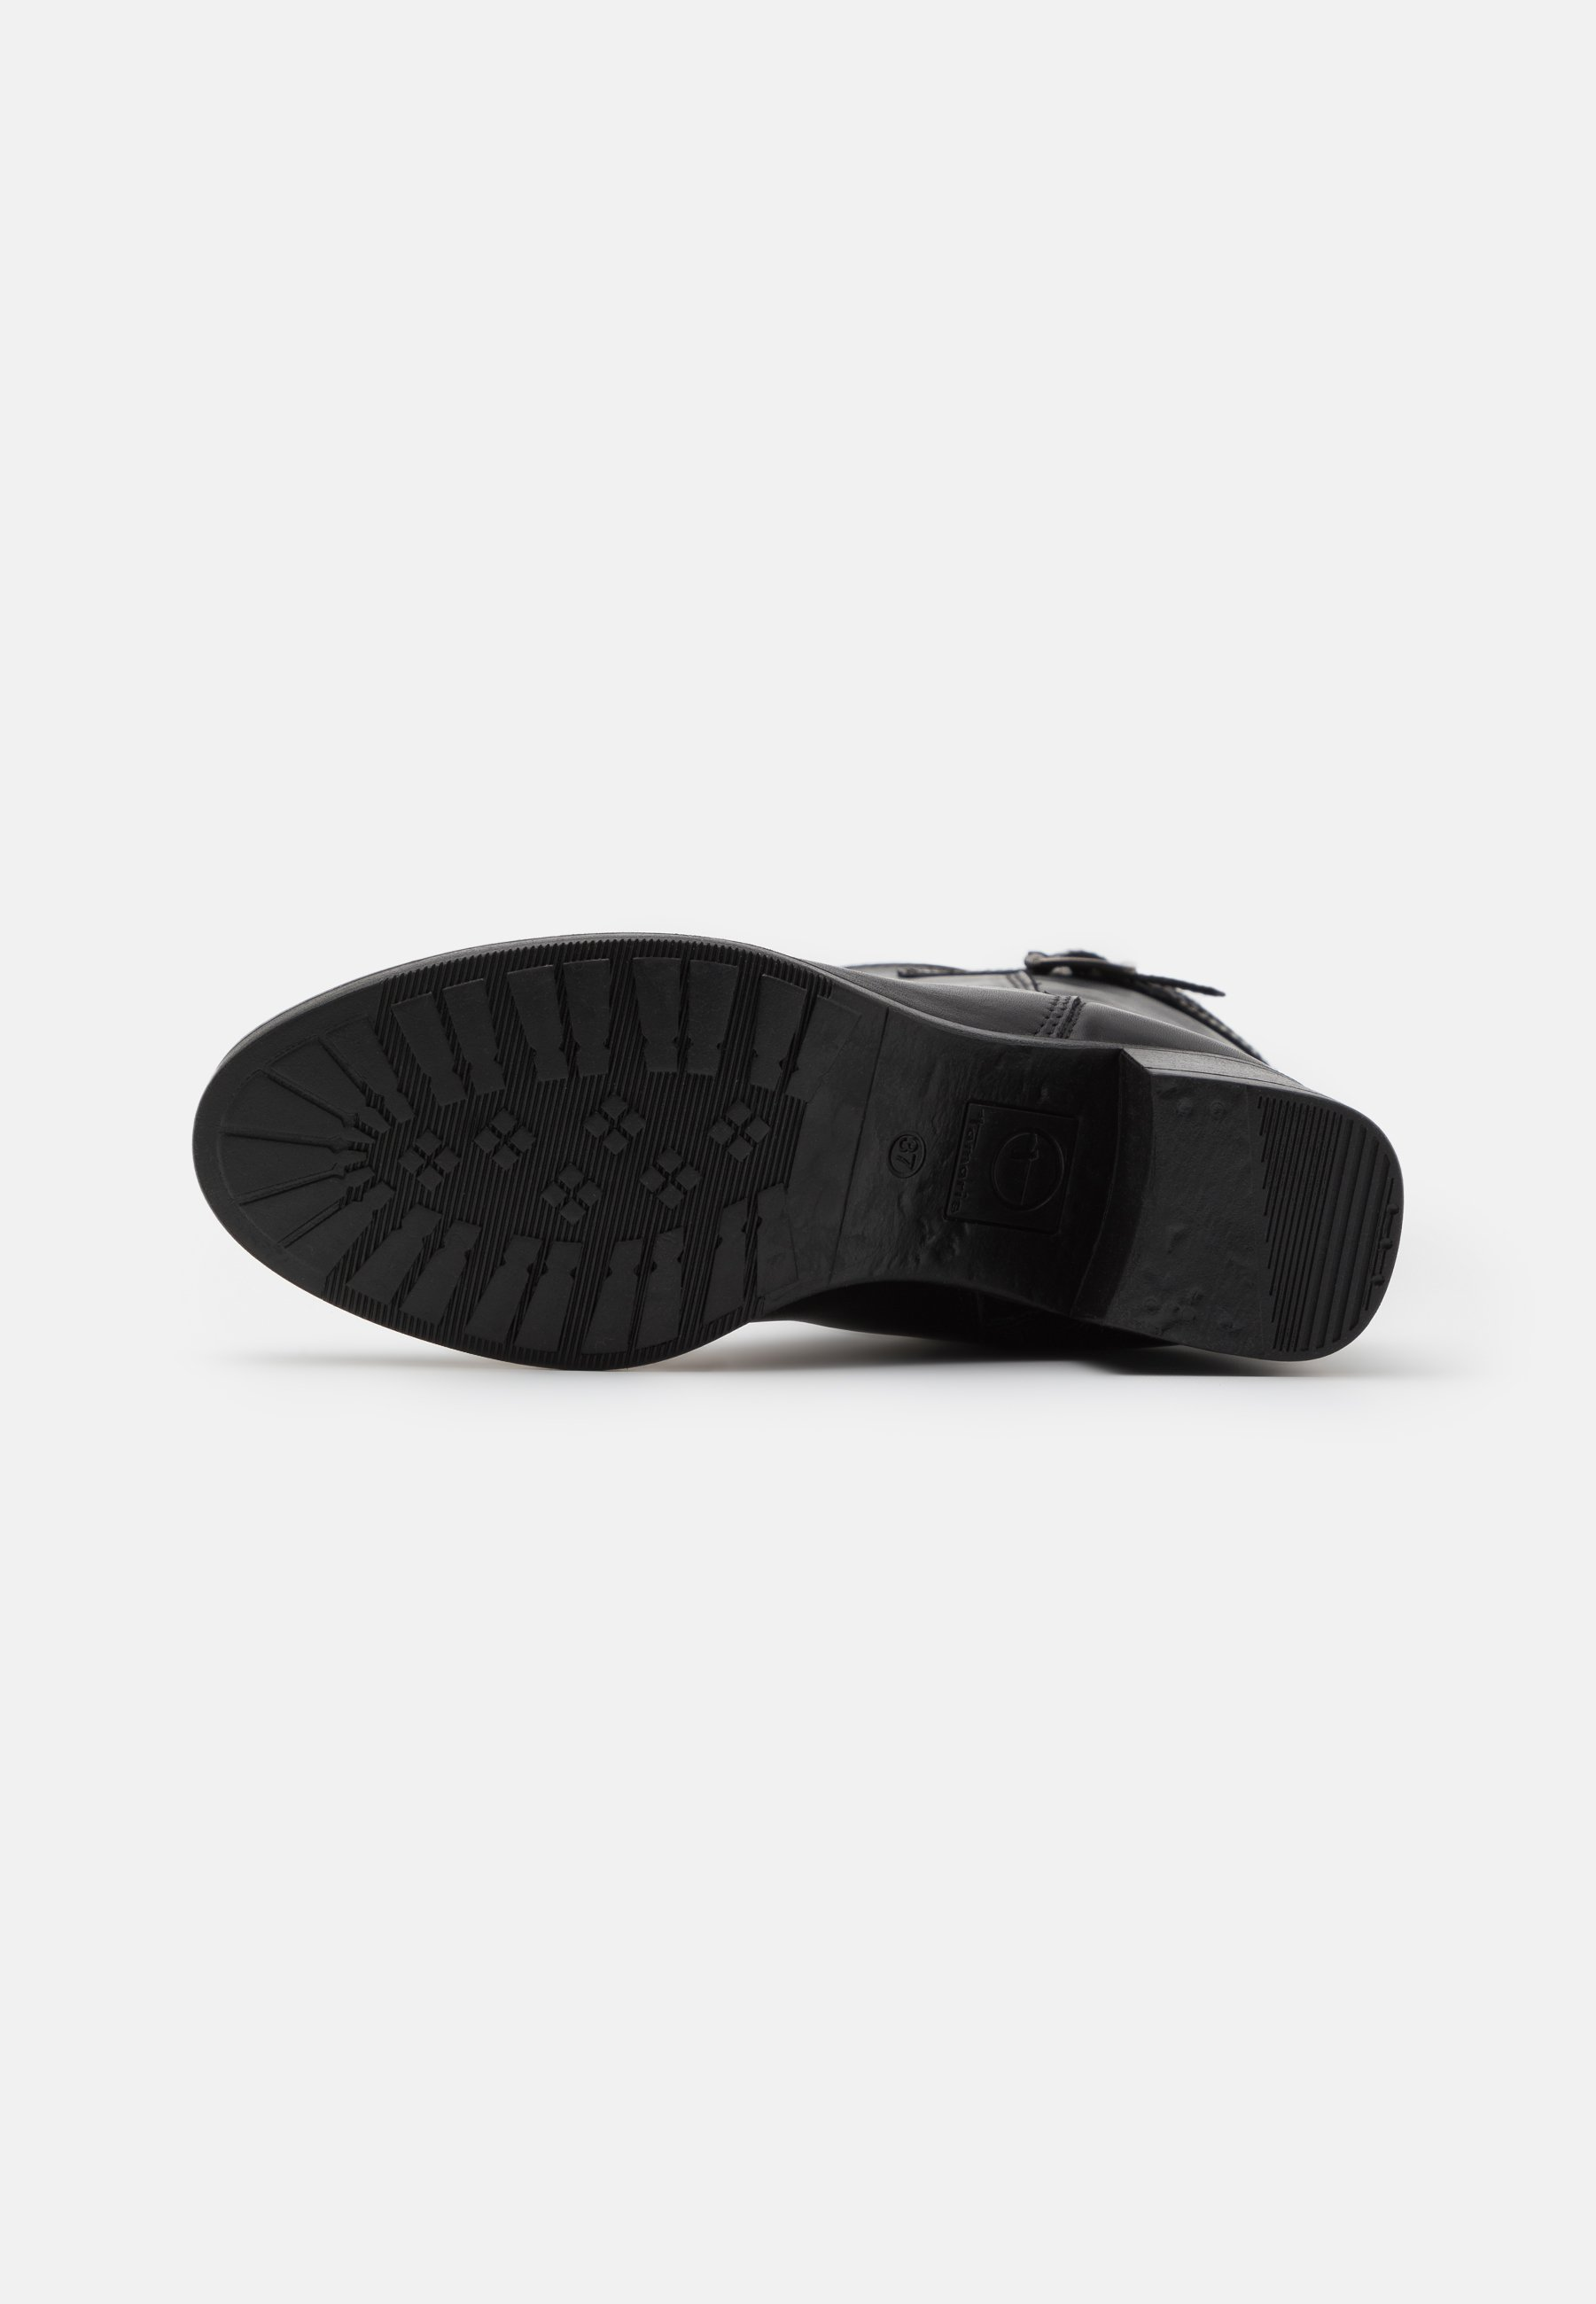 Tamaris BOOTS Stiefel black/schwarz